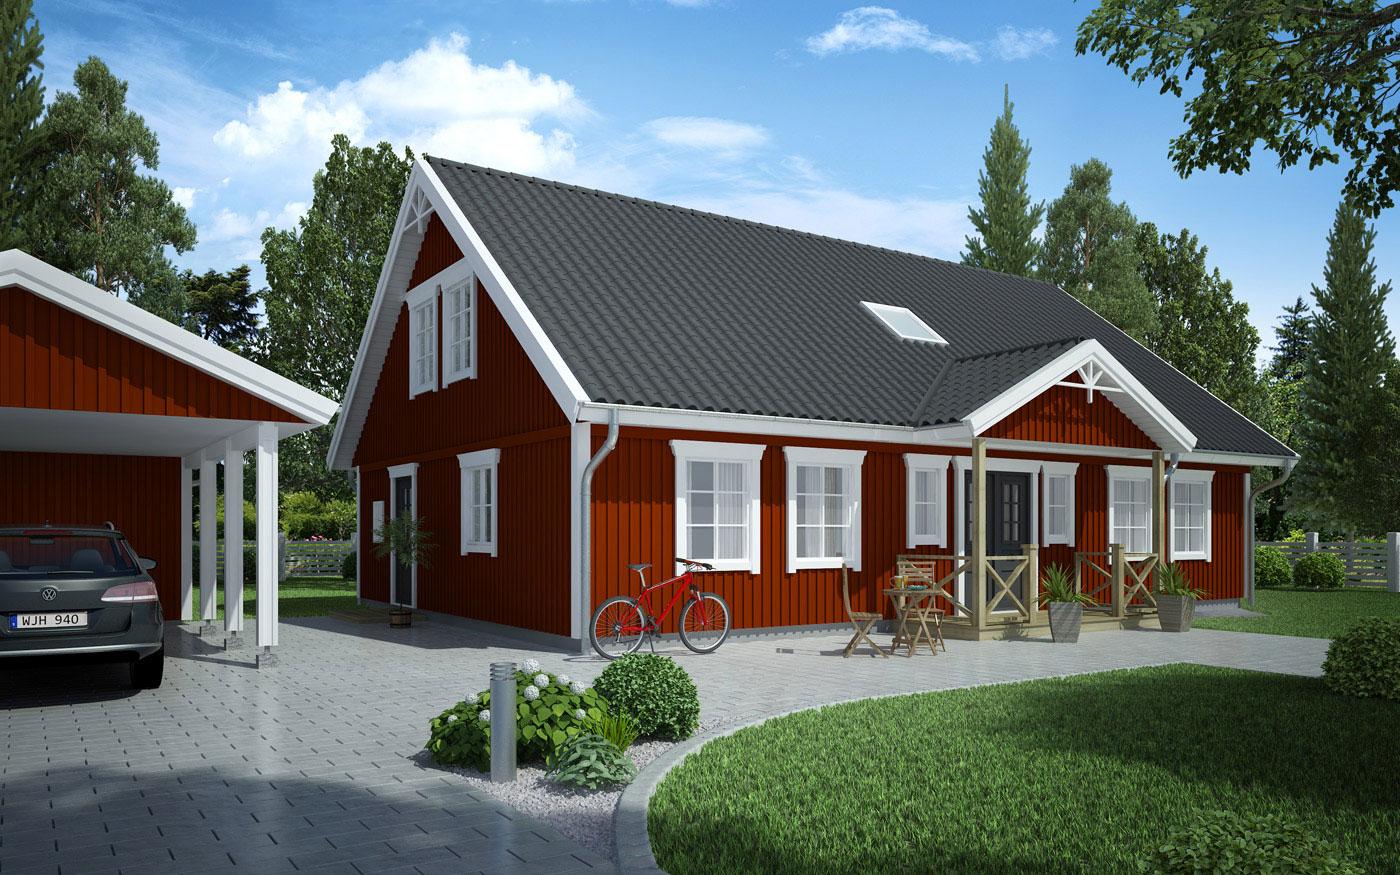 Mjöbäcksvillan - Sörgården